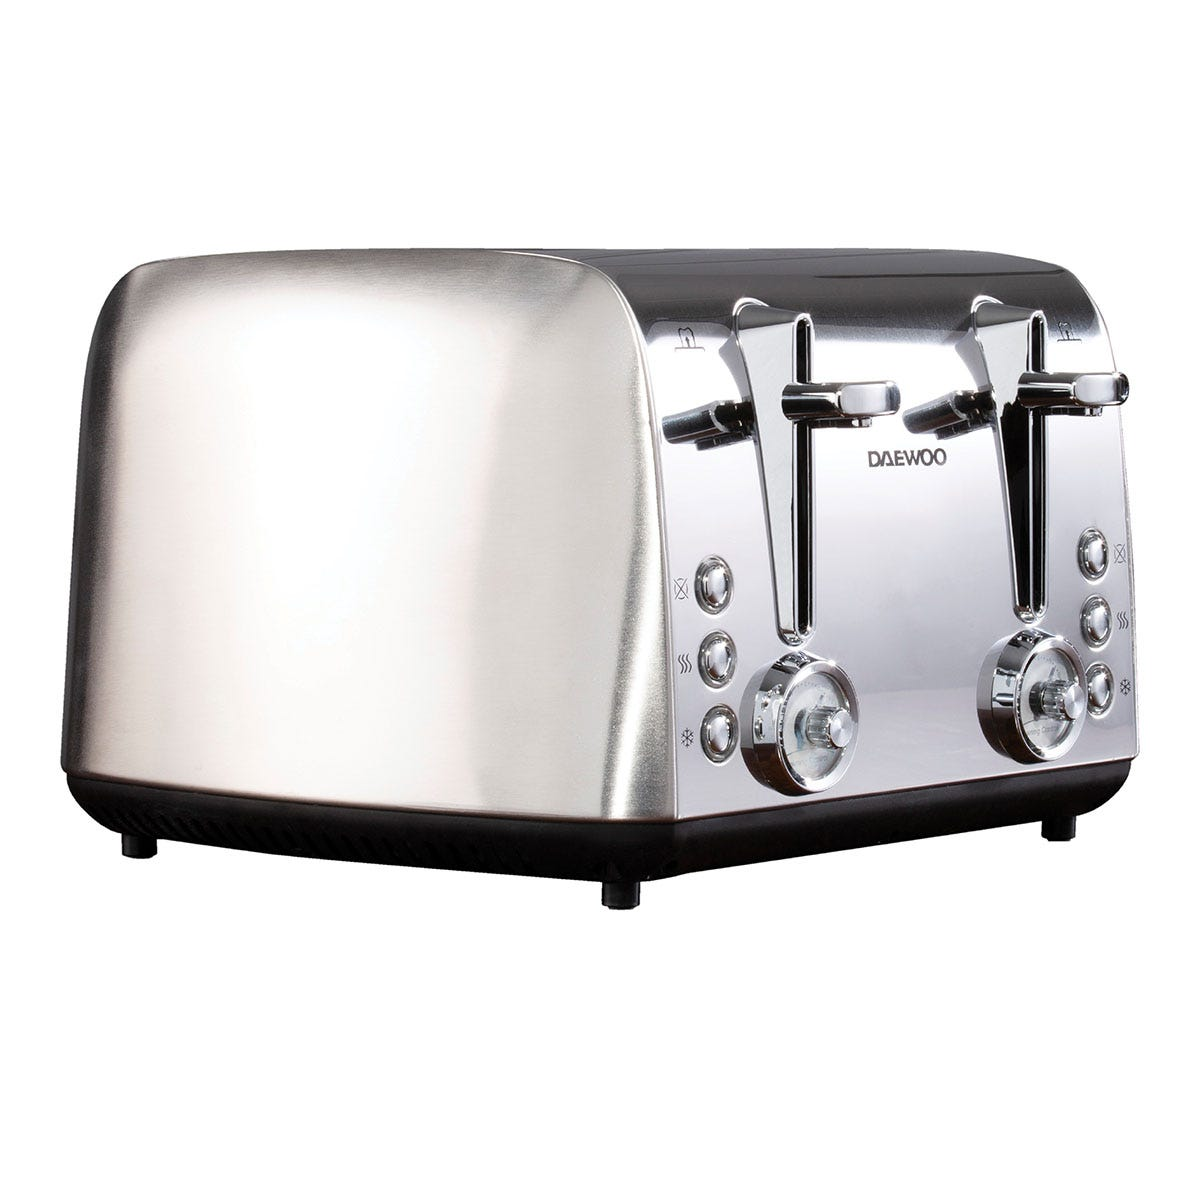 Daewoo SDA1749 Kingsbury 2100W 4-Slice Dial Toaster - Stainless Steel